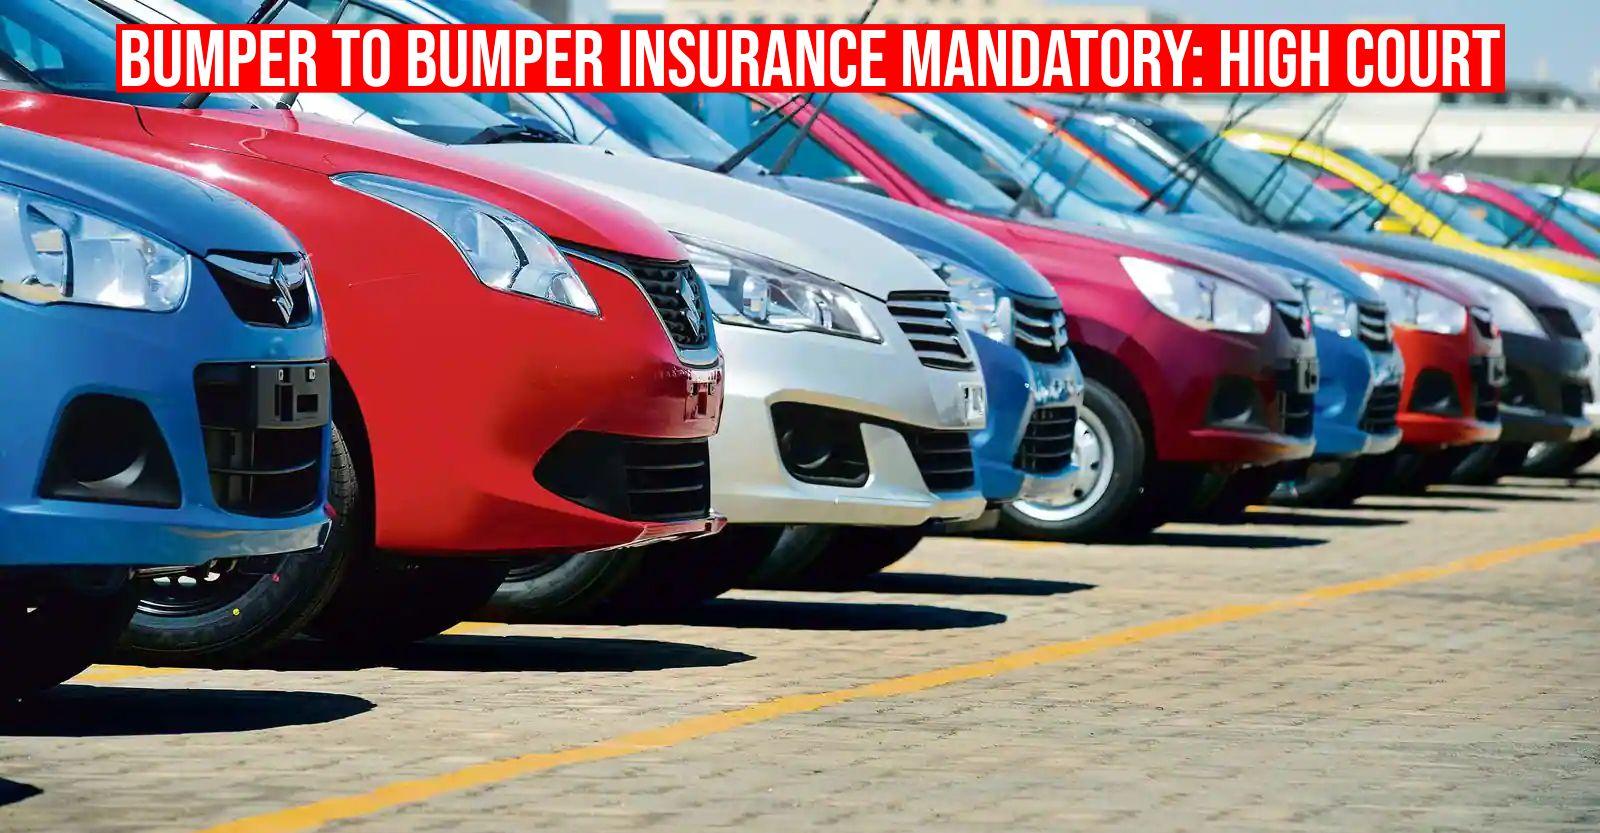 नए वाहनों के लिए 5 साल का बंपर-टू-बंपर बीमा अनिवार्य: मद्रास हाईकोर्ट